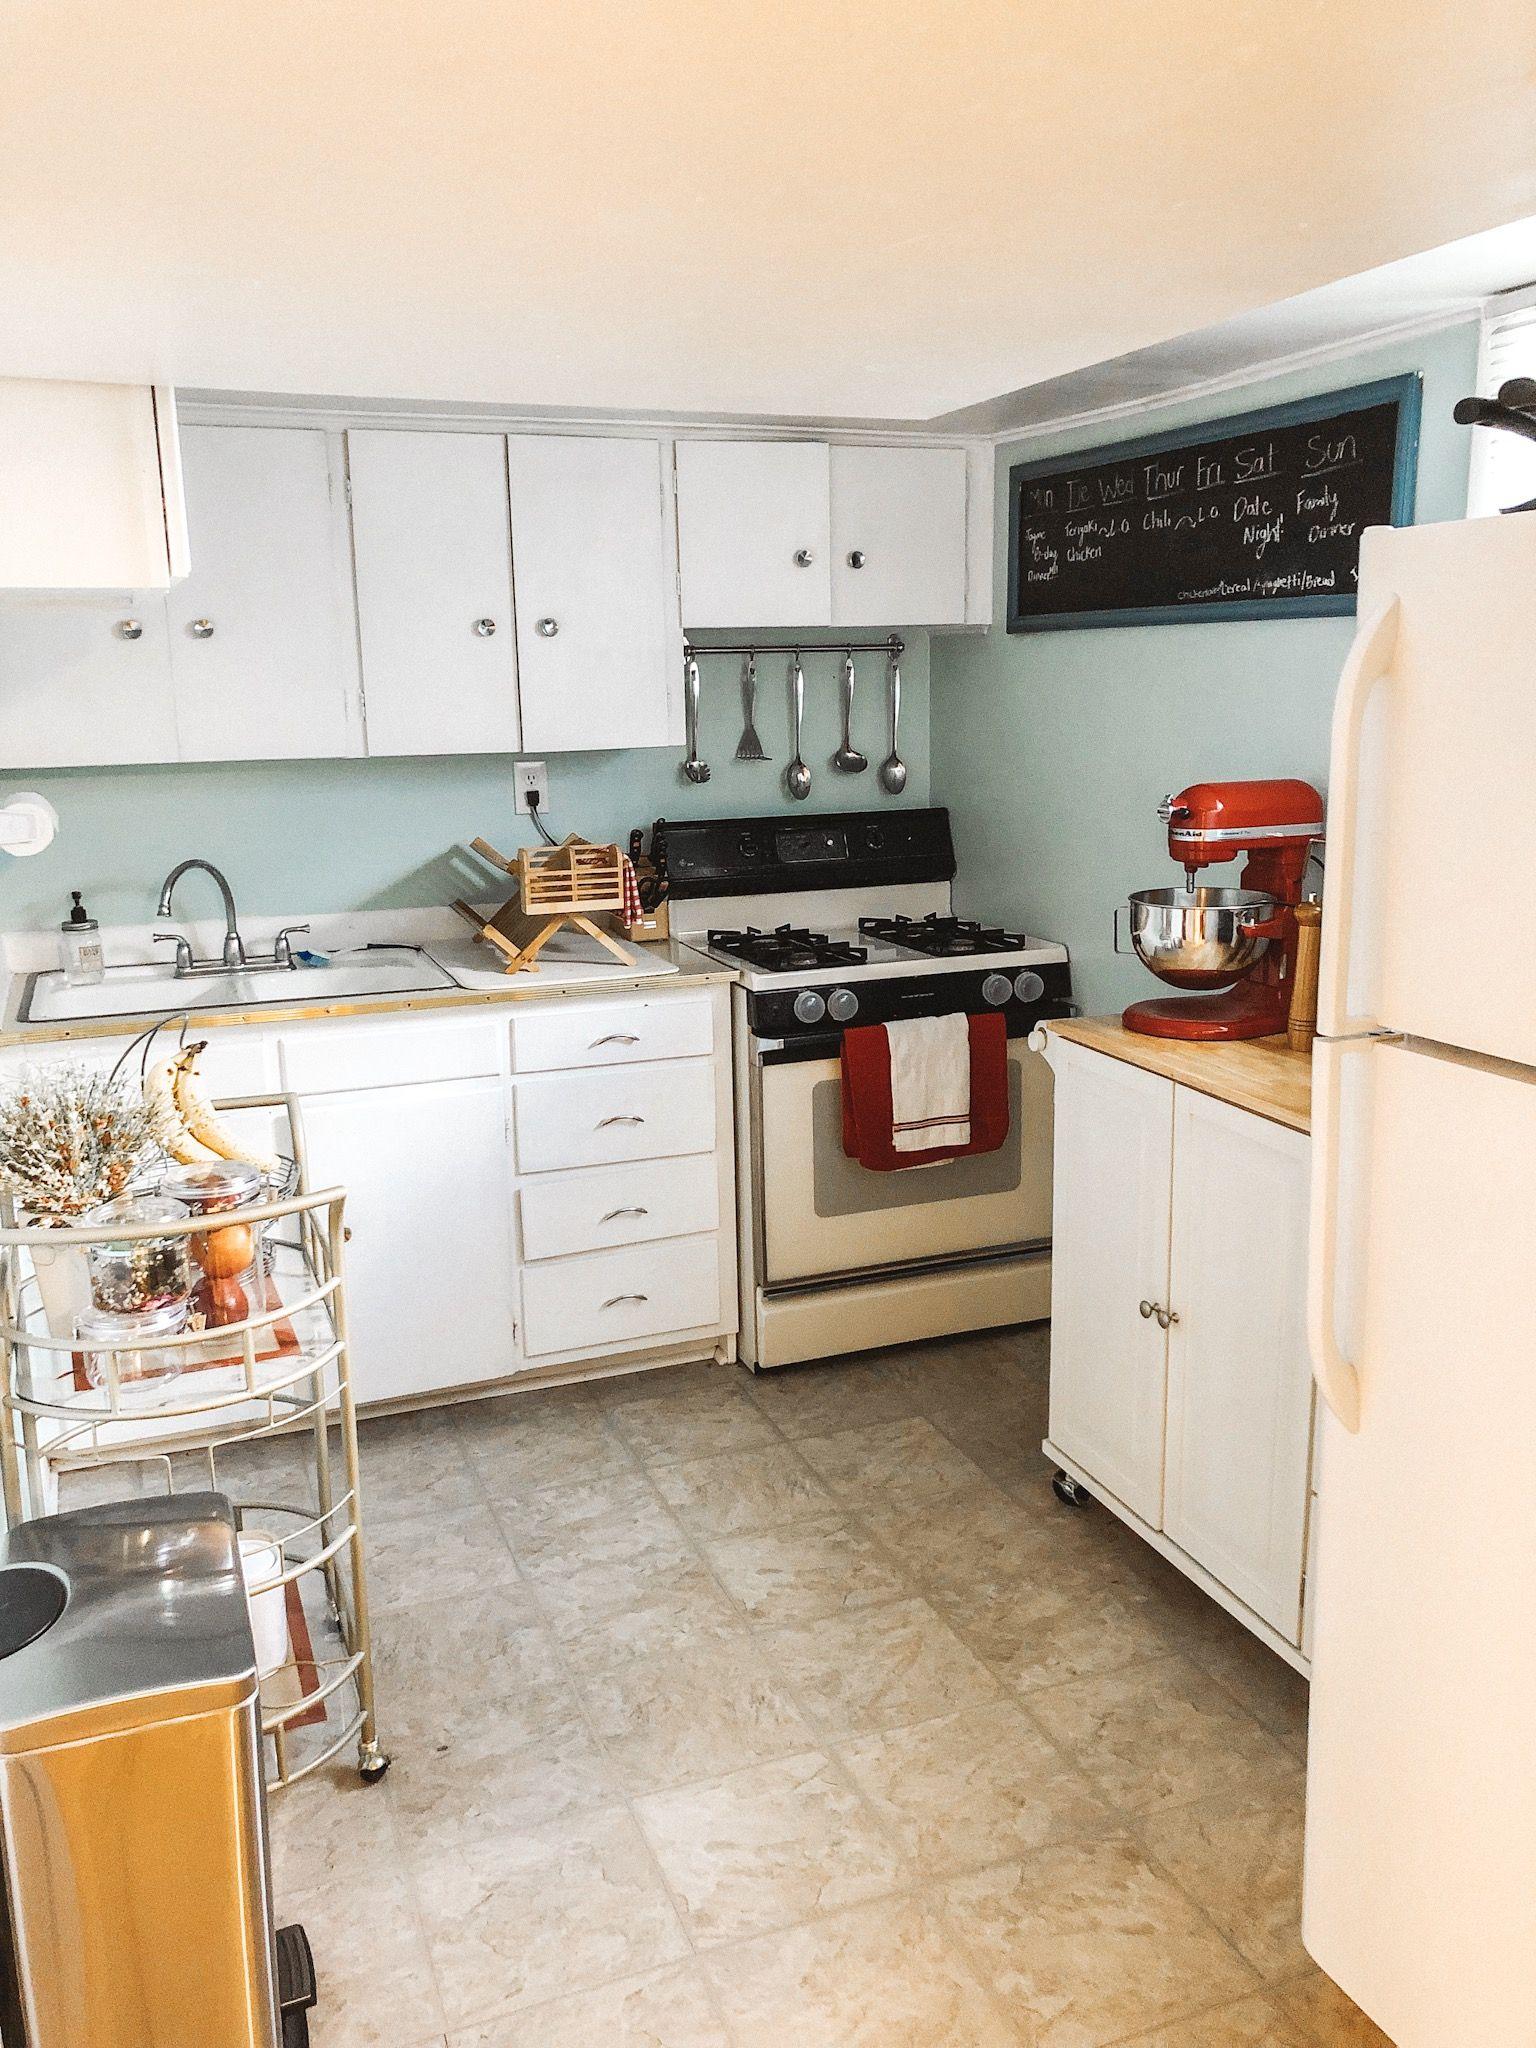 Small Basement Apartment Kitchen Spanishfork Utah Rent Smallkitchen Apartmentkitchen Kitchen Spacesaver Apartment Kitchen Cabinets Home Decor Kitchen